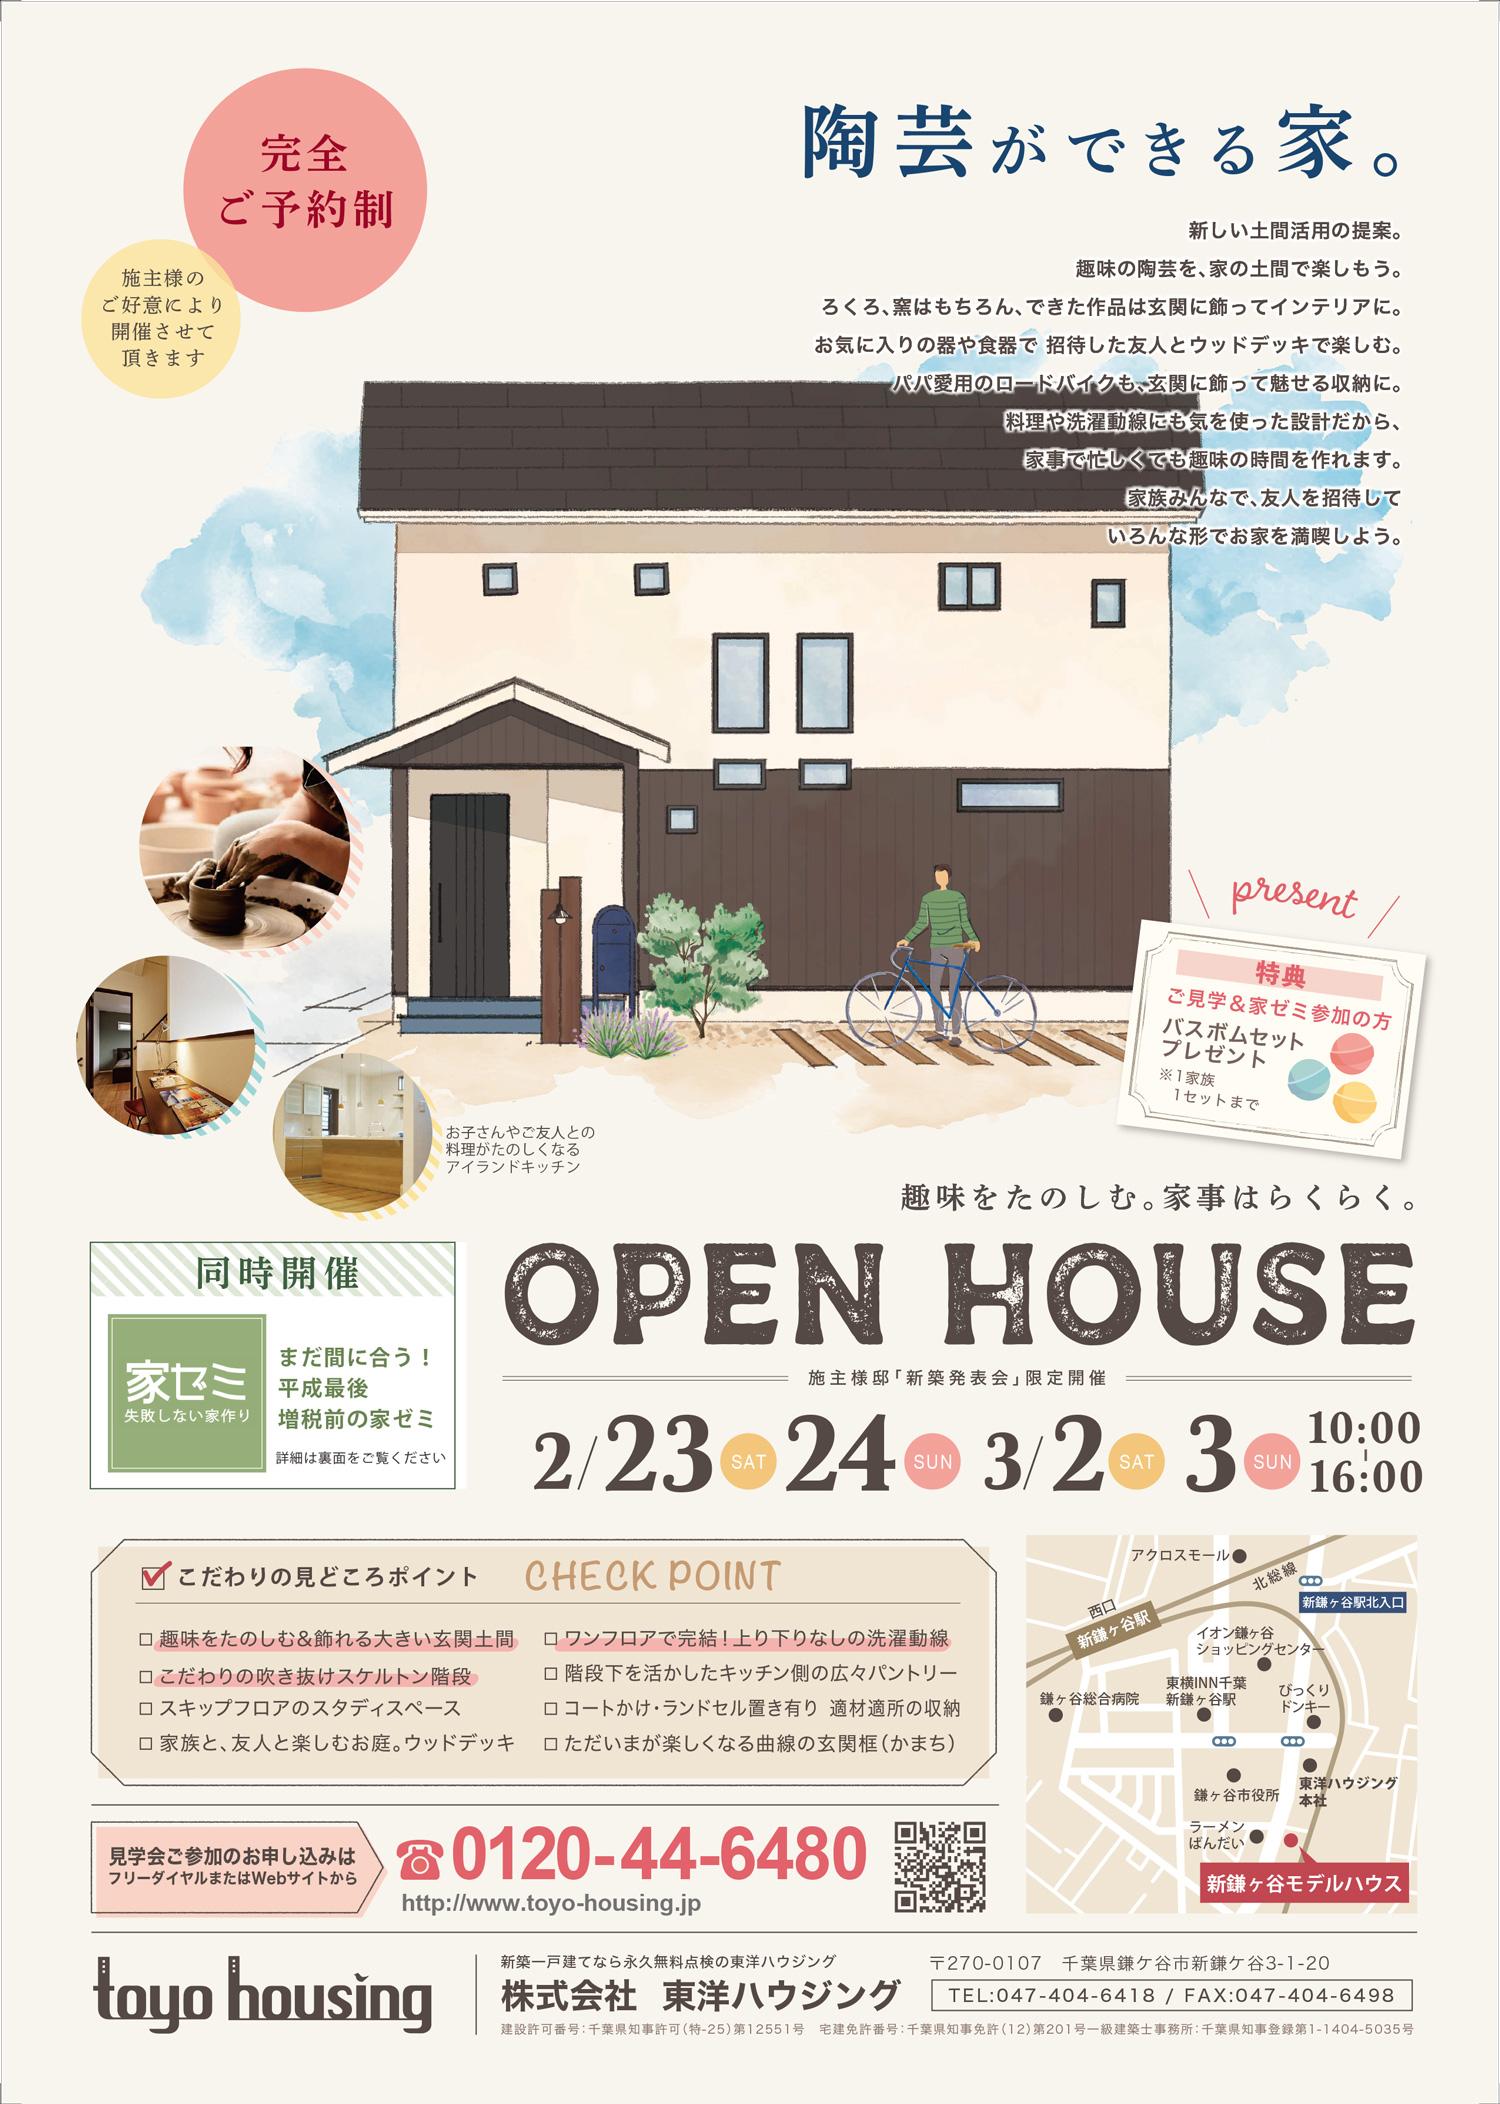 【2月下旬〜3月上旬開催!鎌ケ谷市】趣味をたのしむ。家事はらくらく。OPEN HOUSE <完全ご予約制・ご参加無料>